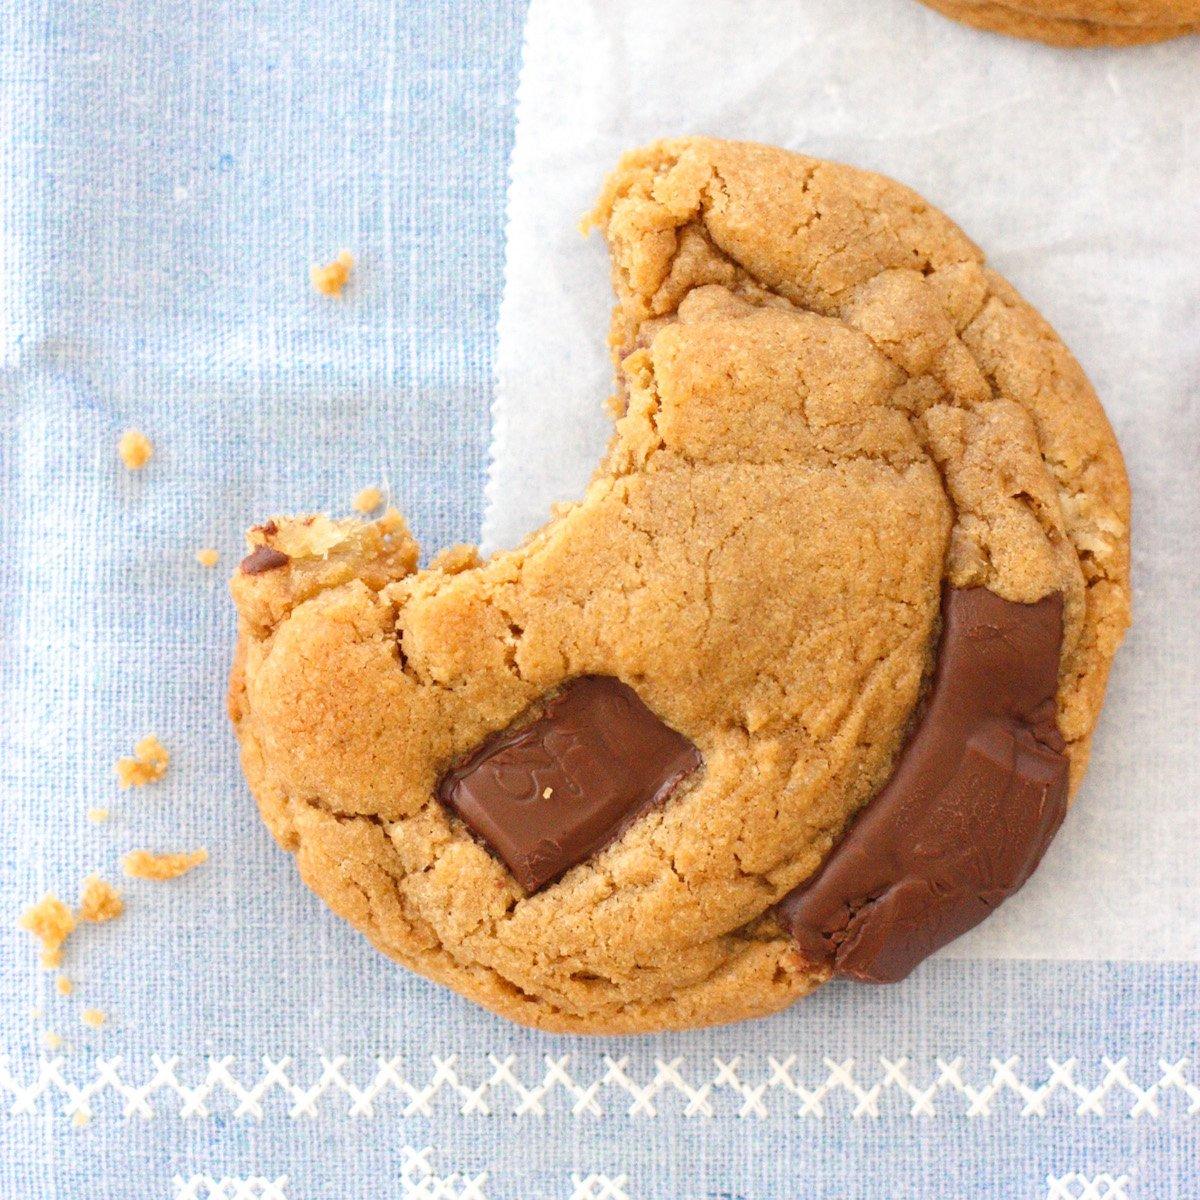 Ben's cookies are always popular homemade food gifts